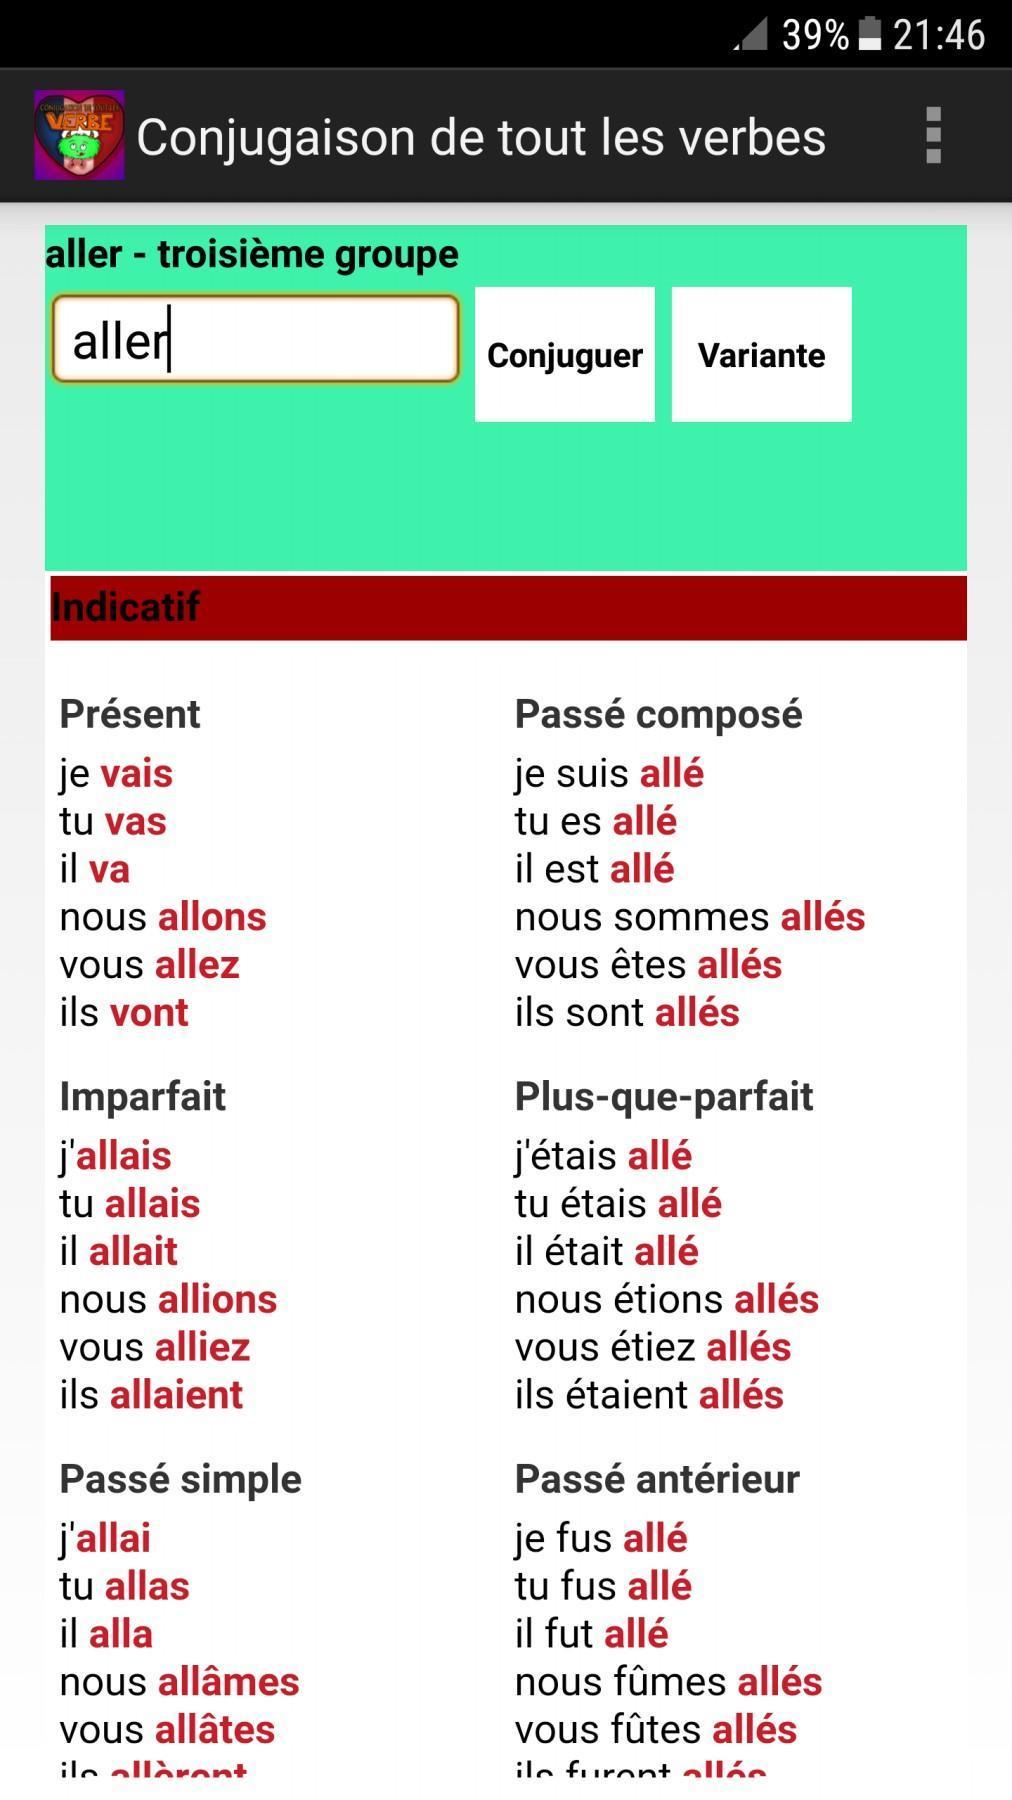 Conjugaison De Tout Les Verbes For Android Apk Download